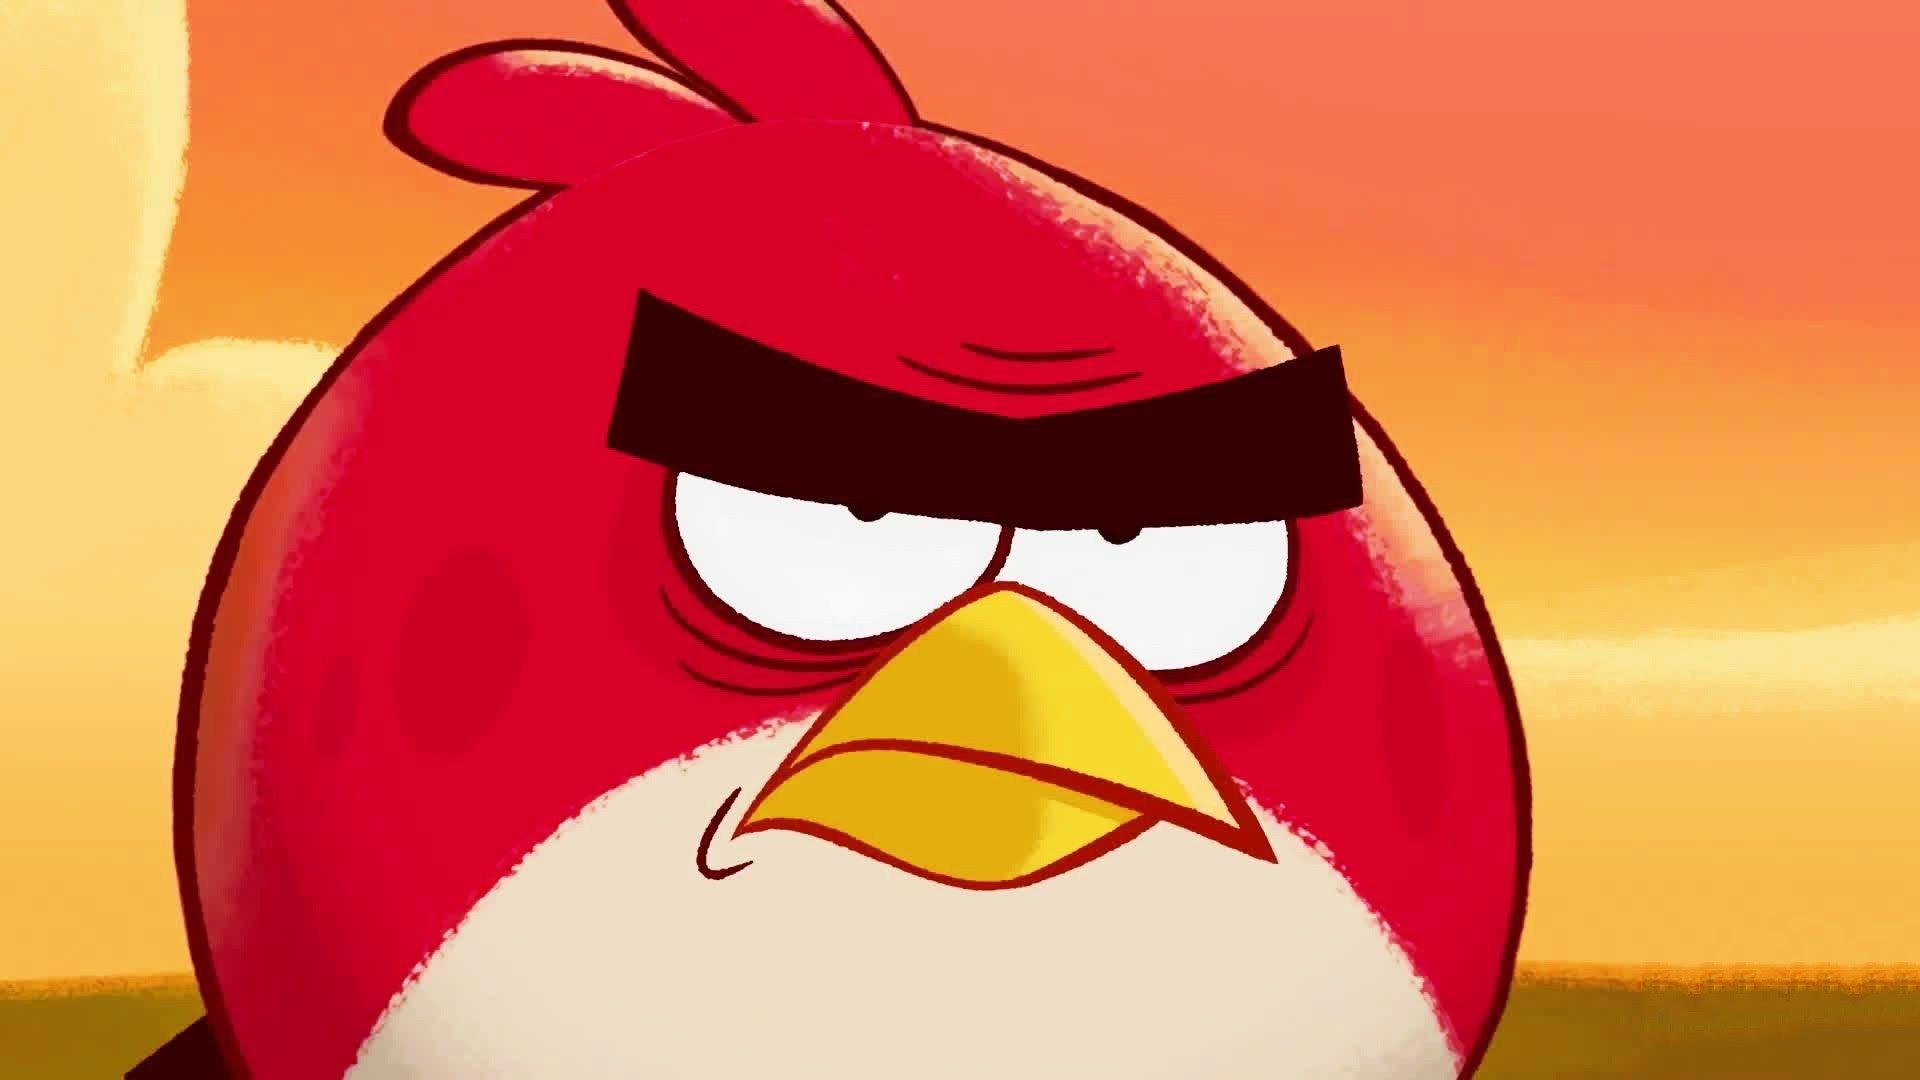 Игра Angry Birds будет доступна для дополненной реальности